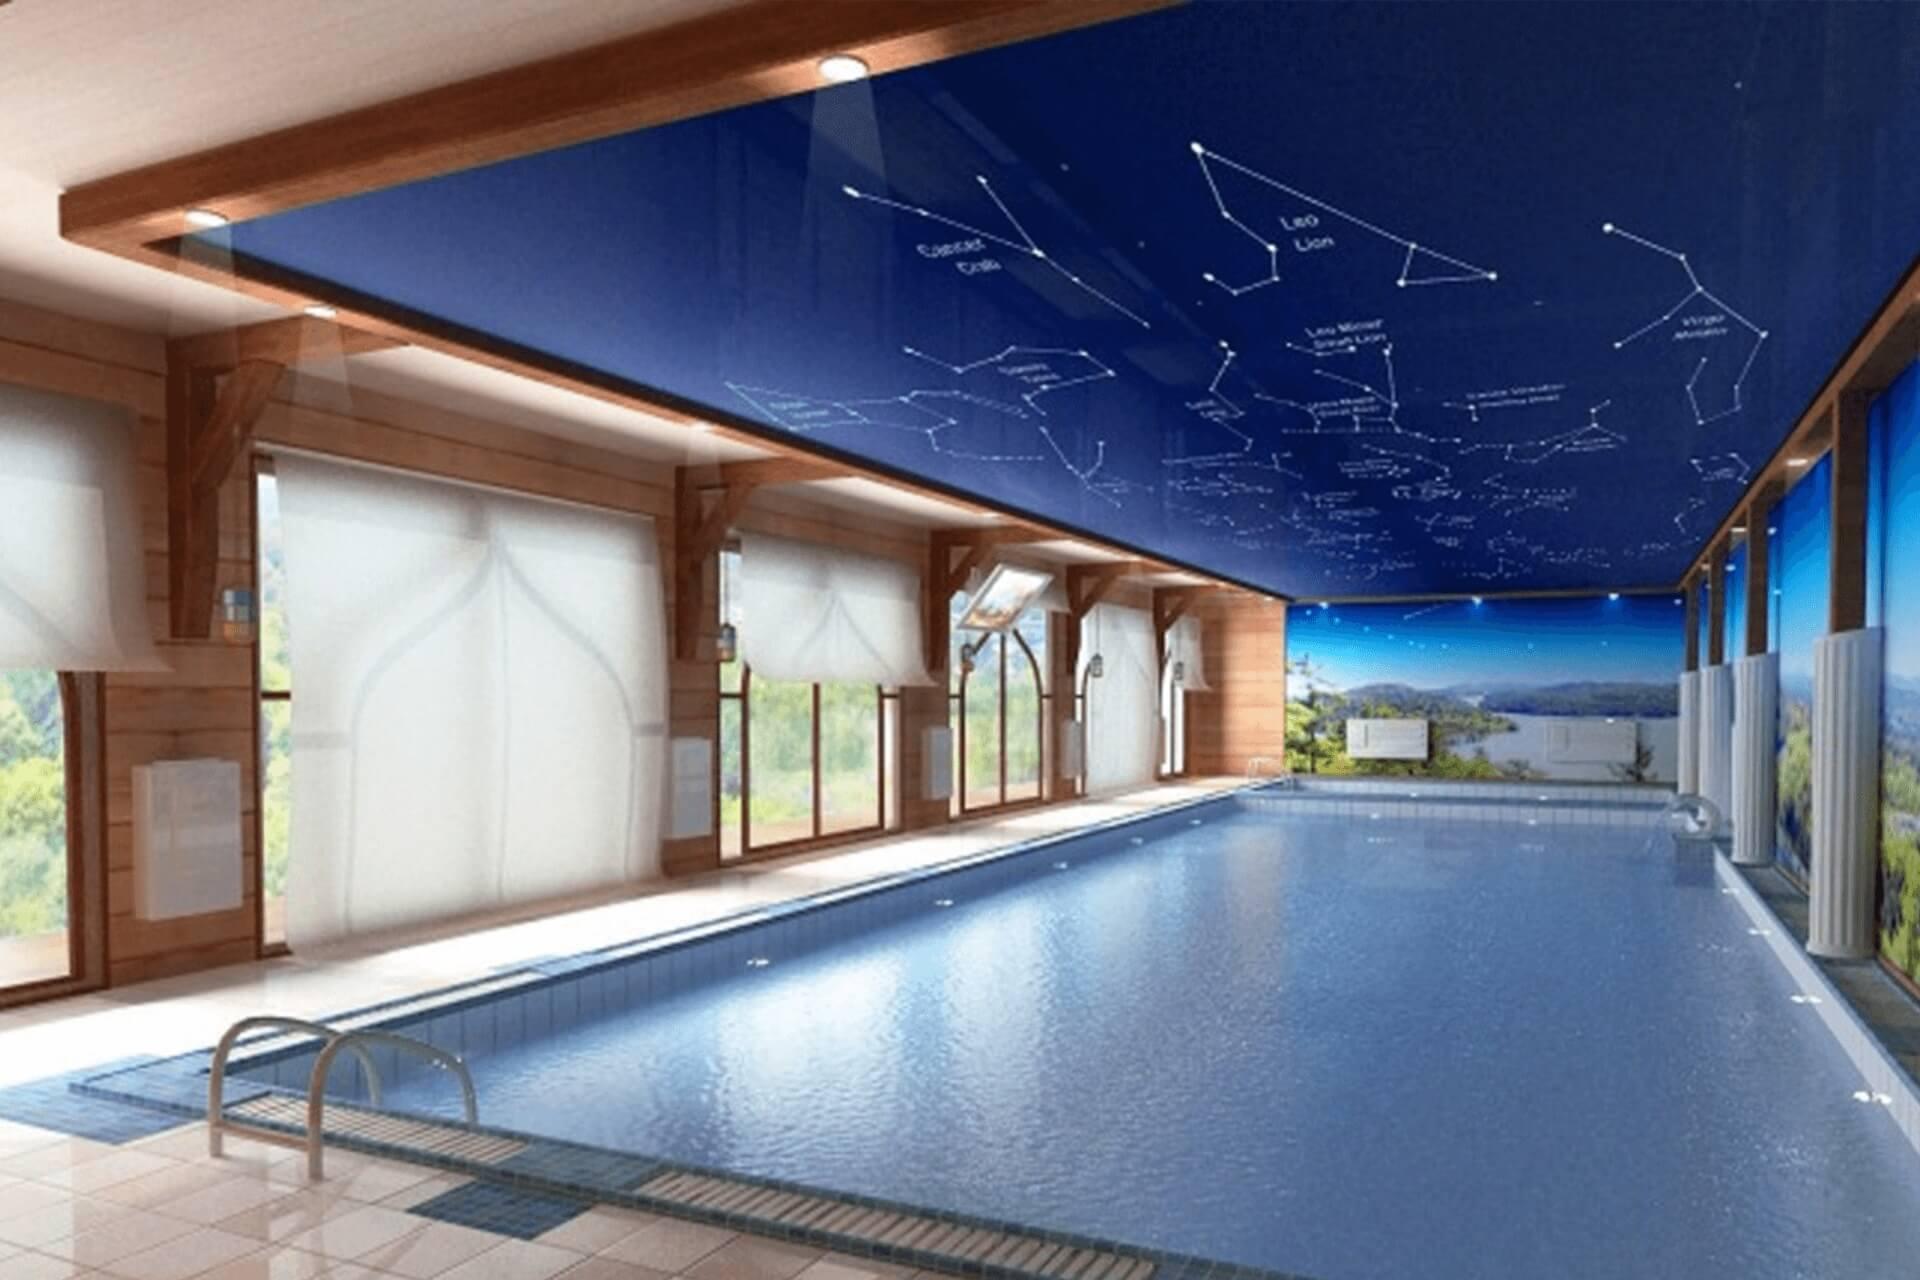 Натяжной потолок в бассейне - созвездие